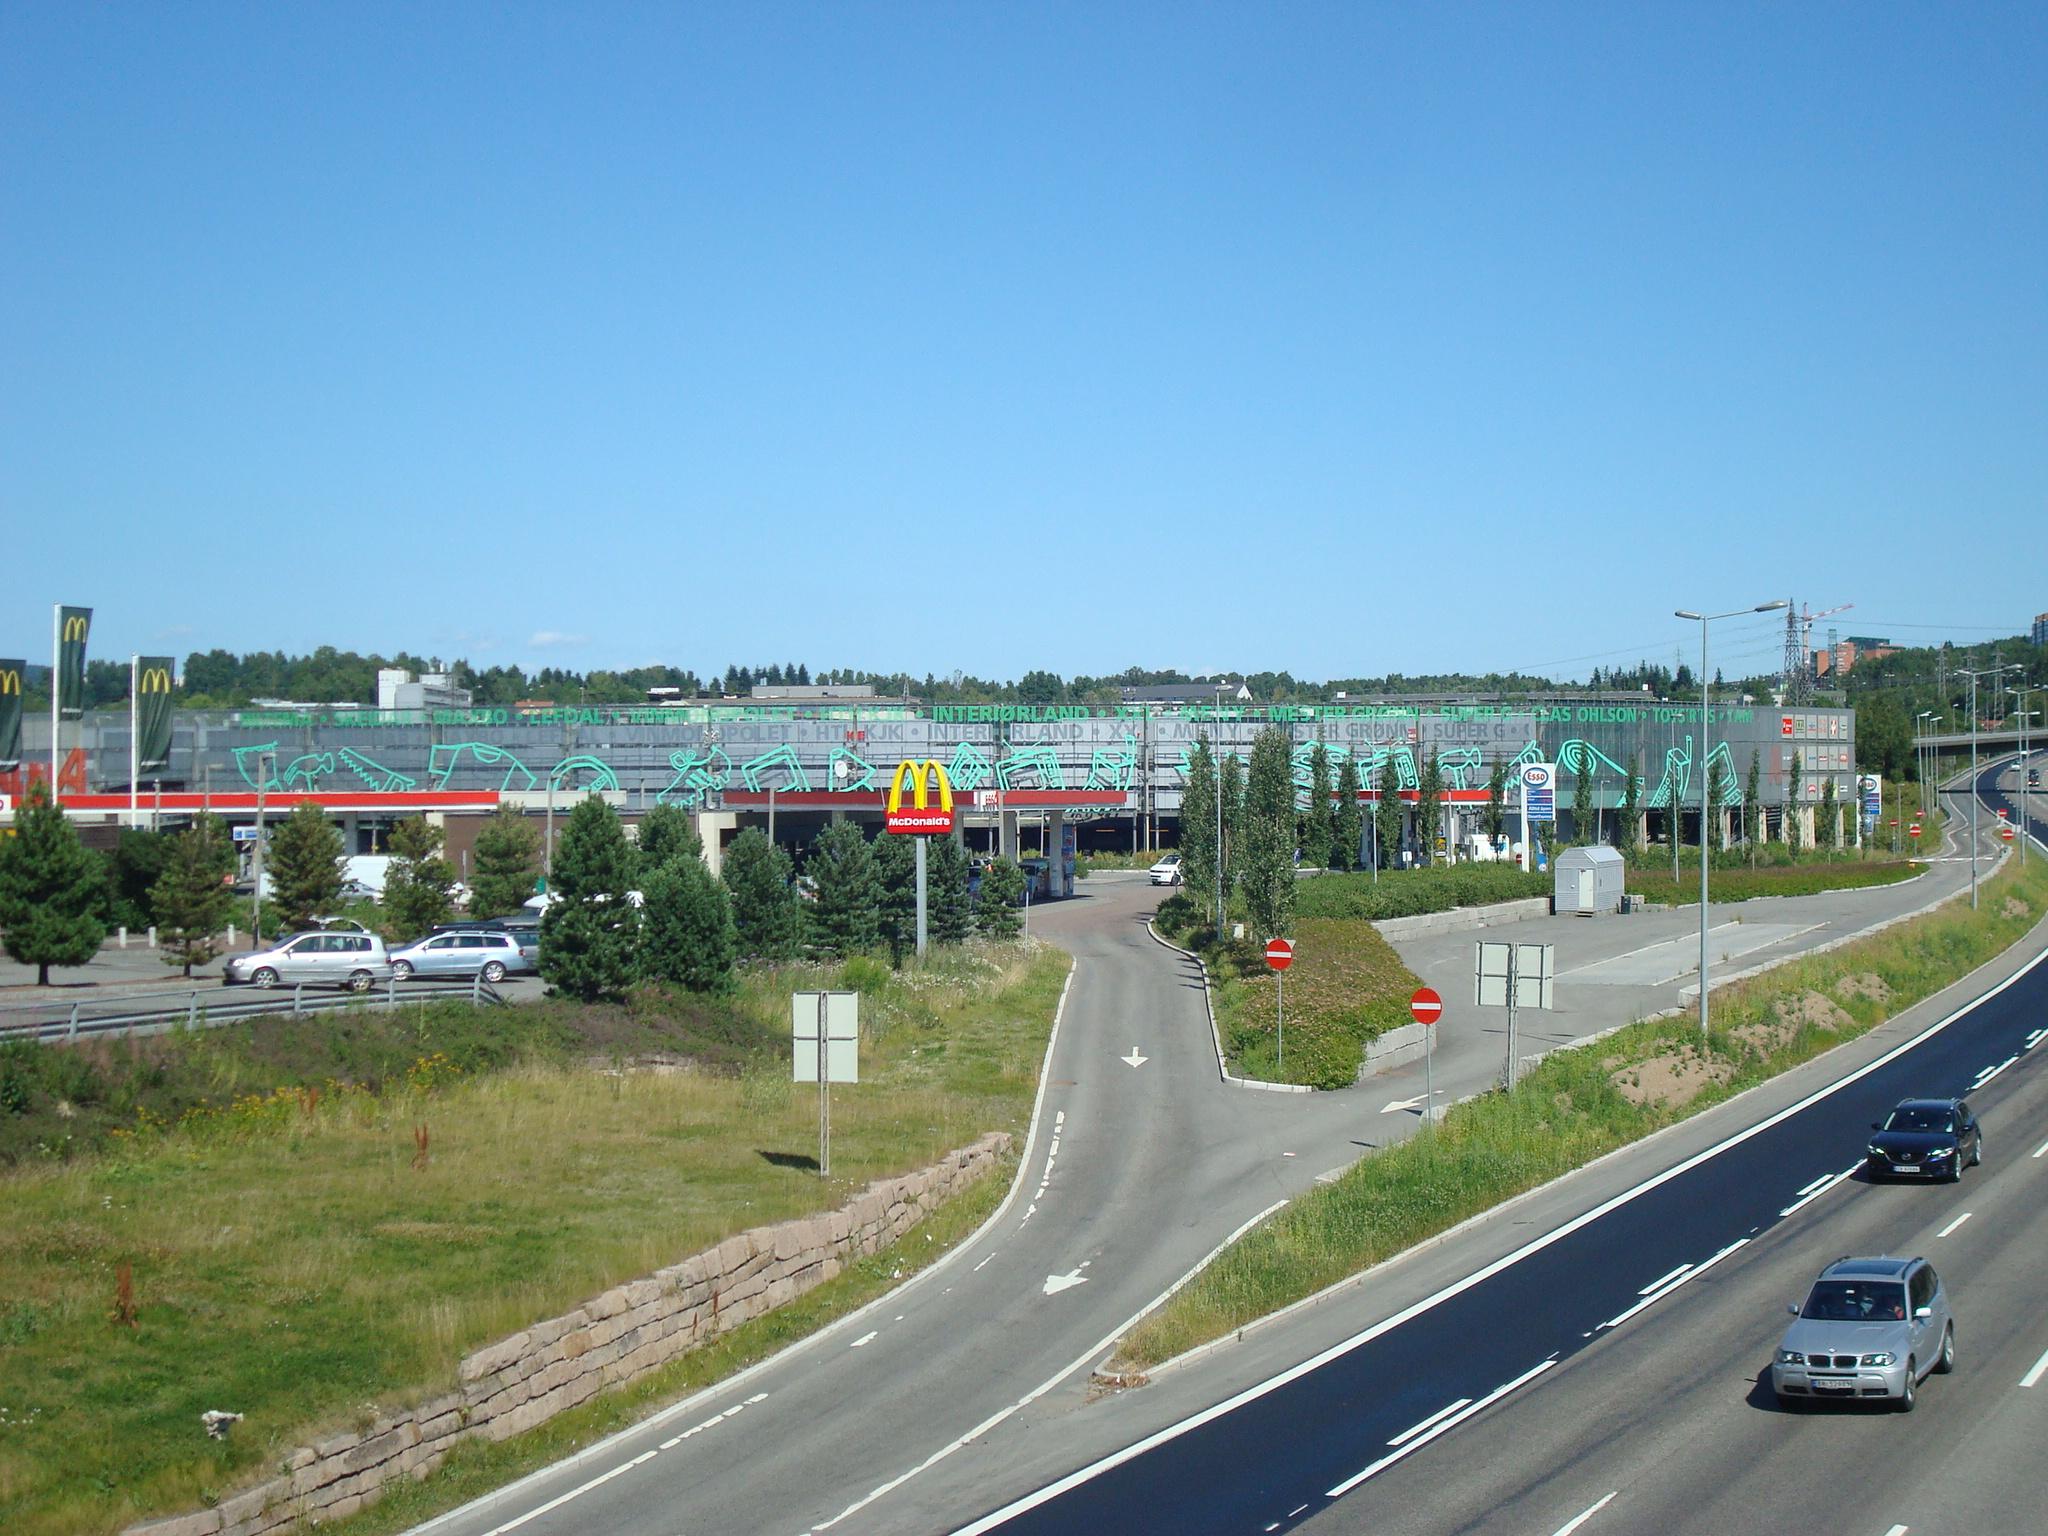 Enorm Alna Senter – Wikipedia UQ-16